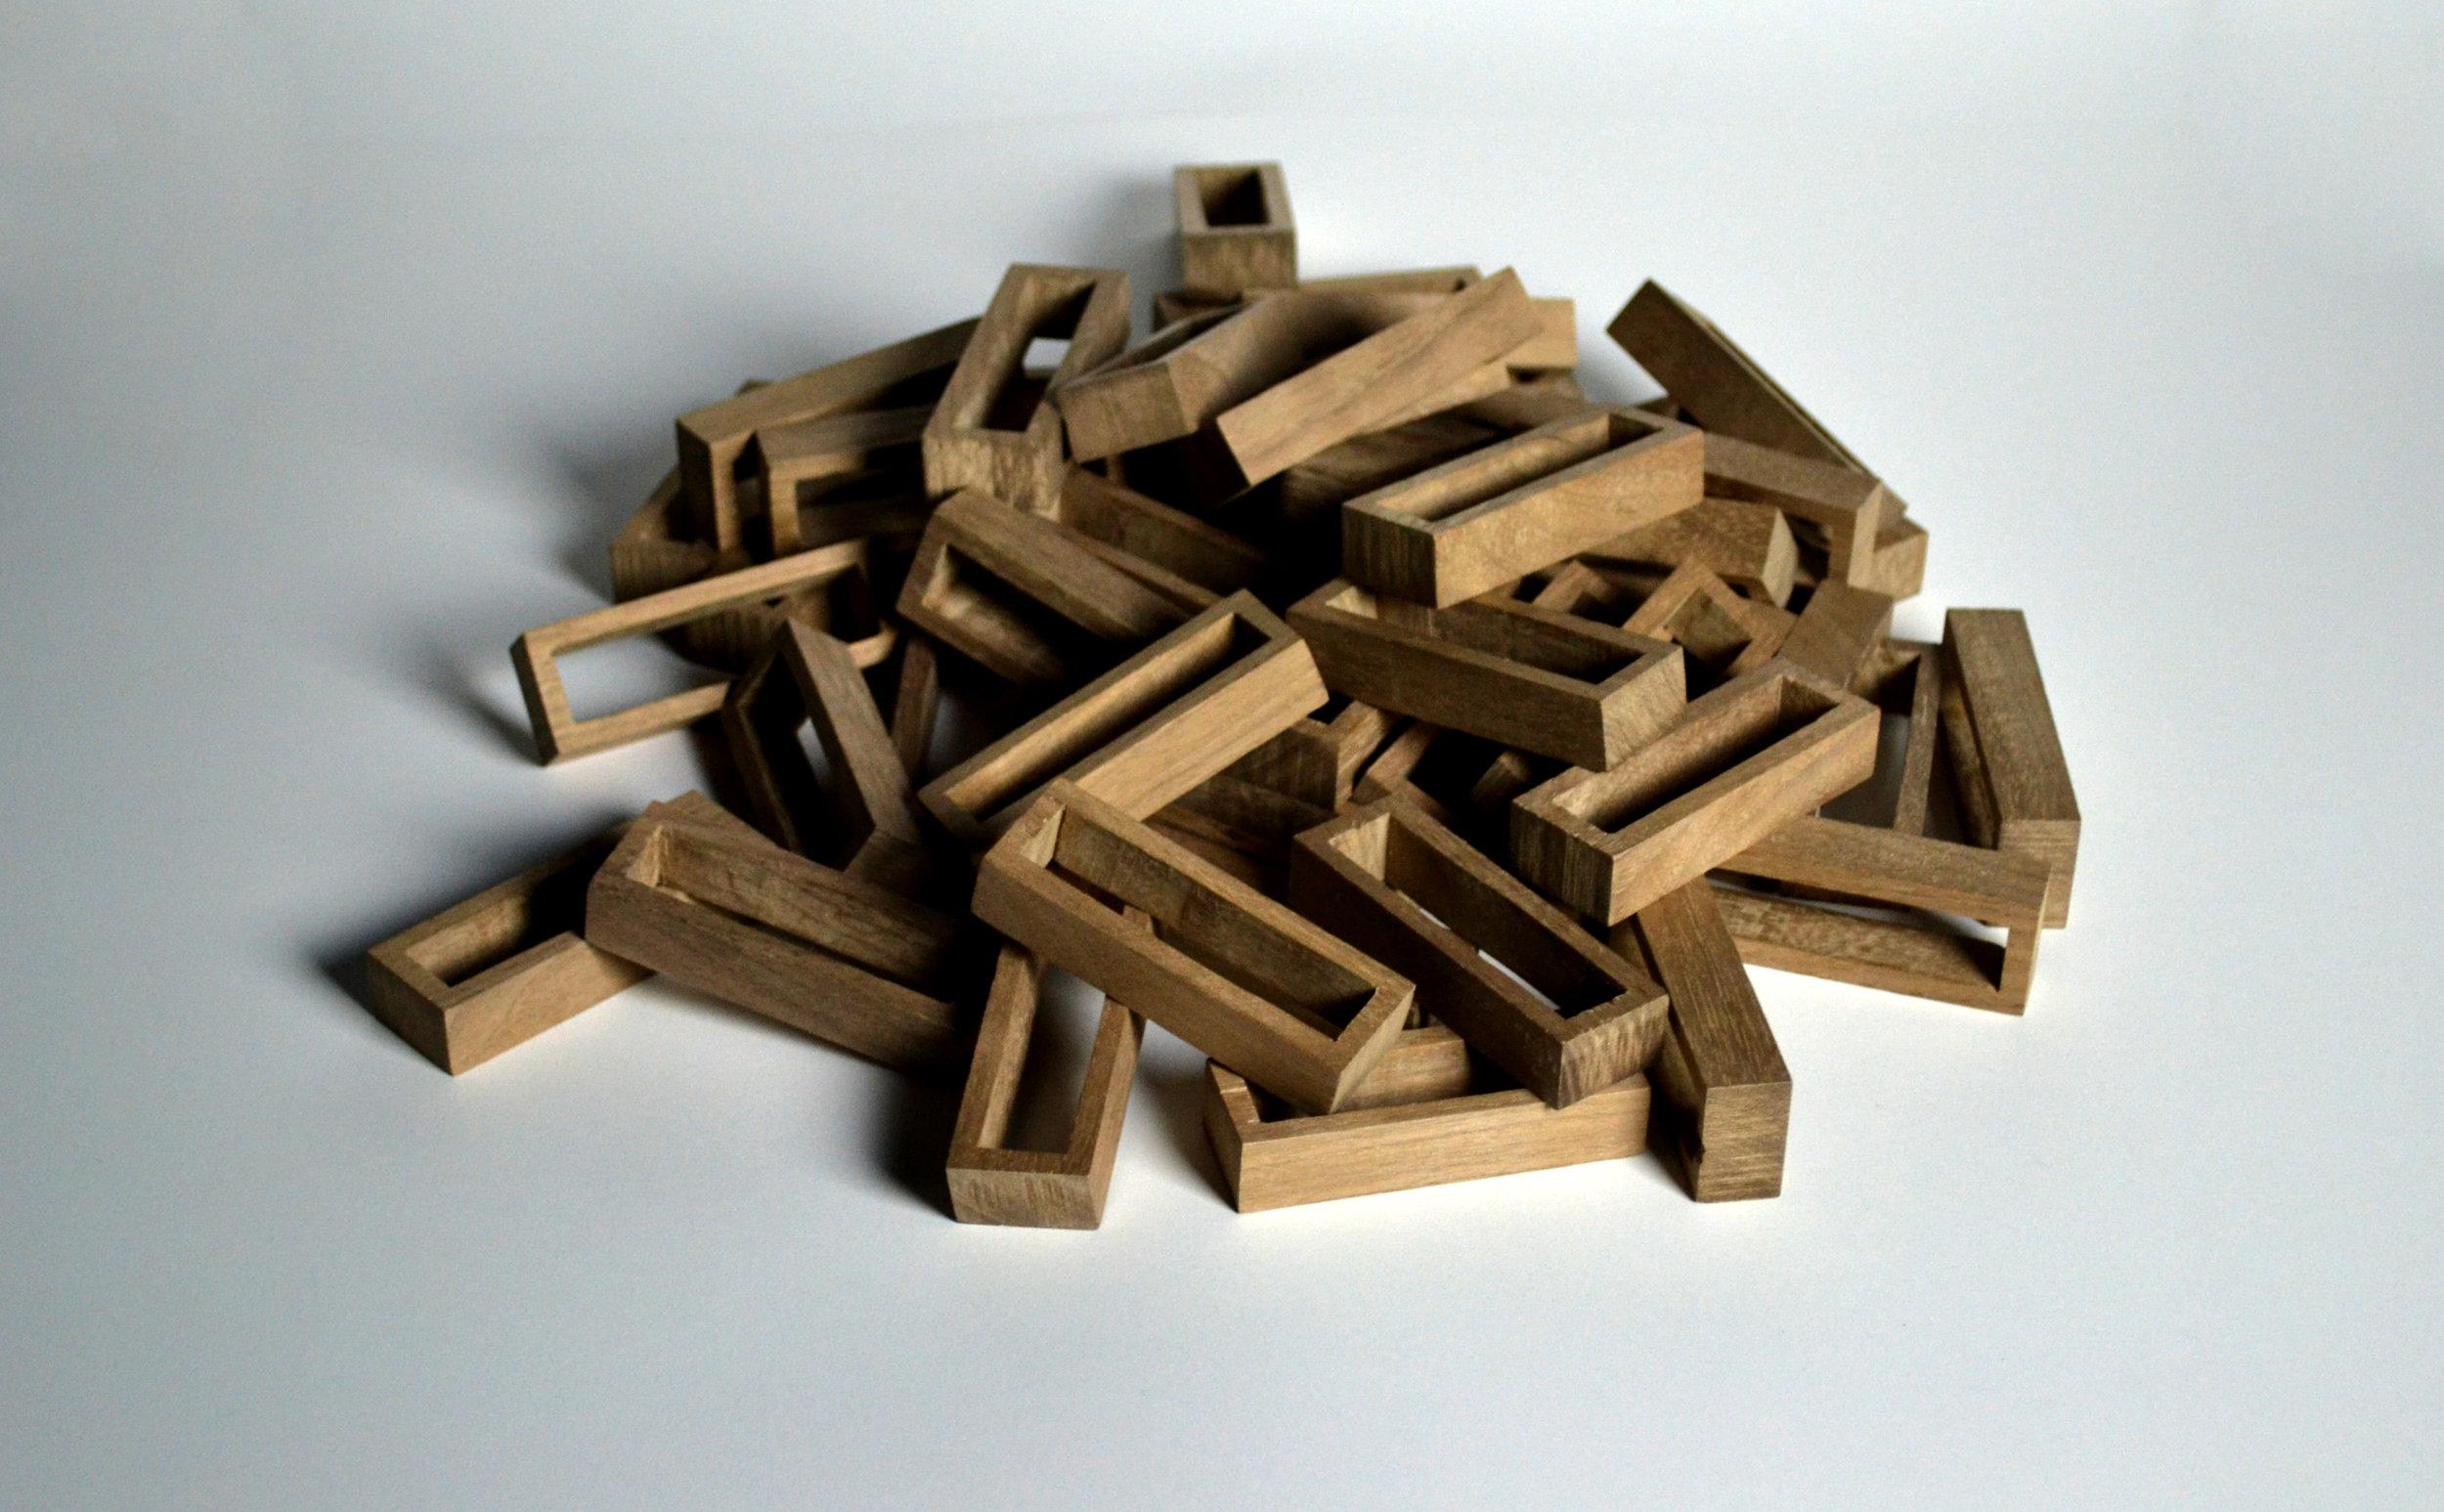 Finished hand-cut walnut blocks